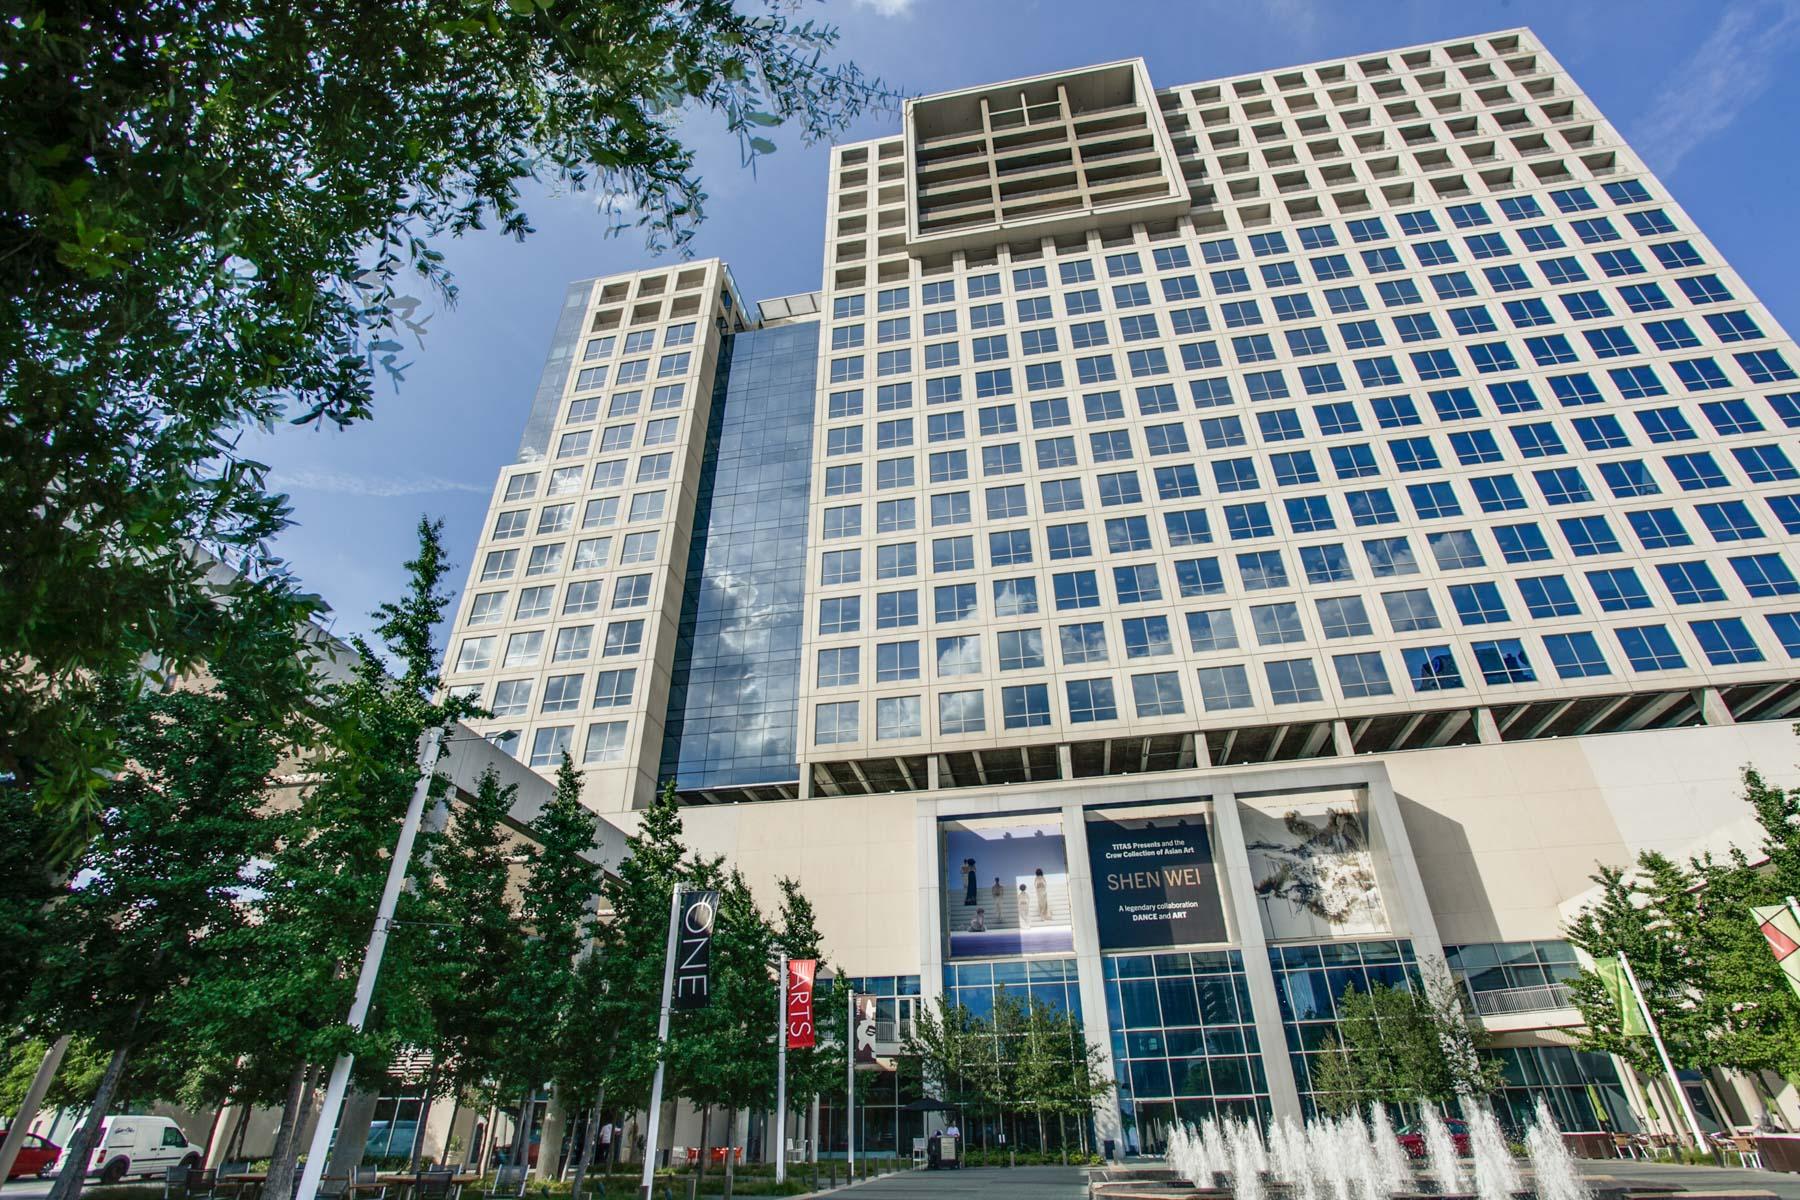 Частный односемейный дом для того Продажа на 1717 Arts Plaza 1804, Dallas Dallas, Техас, 75201 Соединенные Штаты